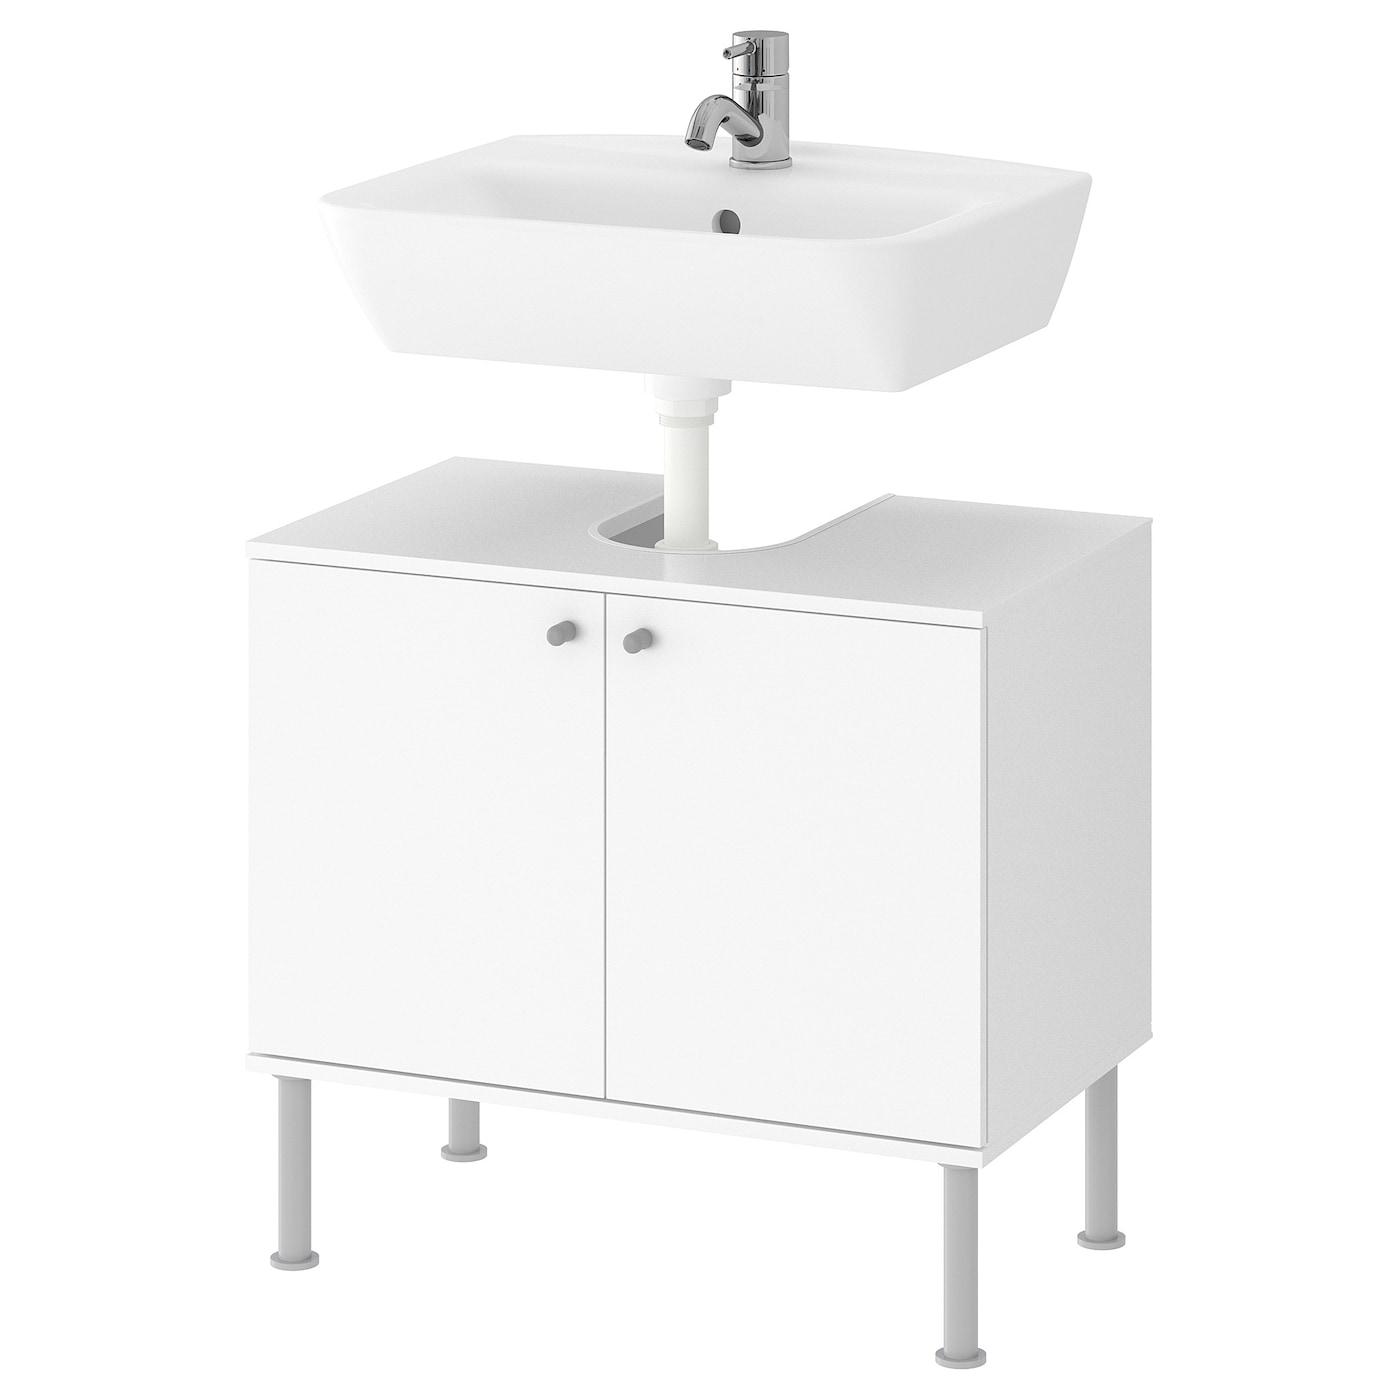 Ikea Waschbeckenunterschranke Online Kaufen Mobel Suchmaschine Ladendirekt De